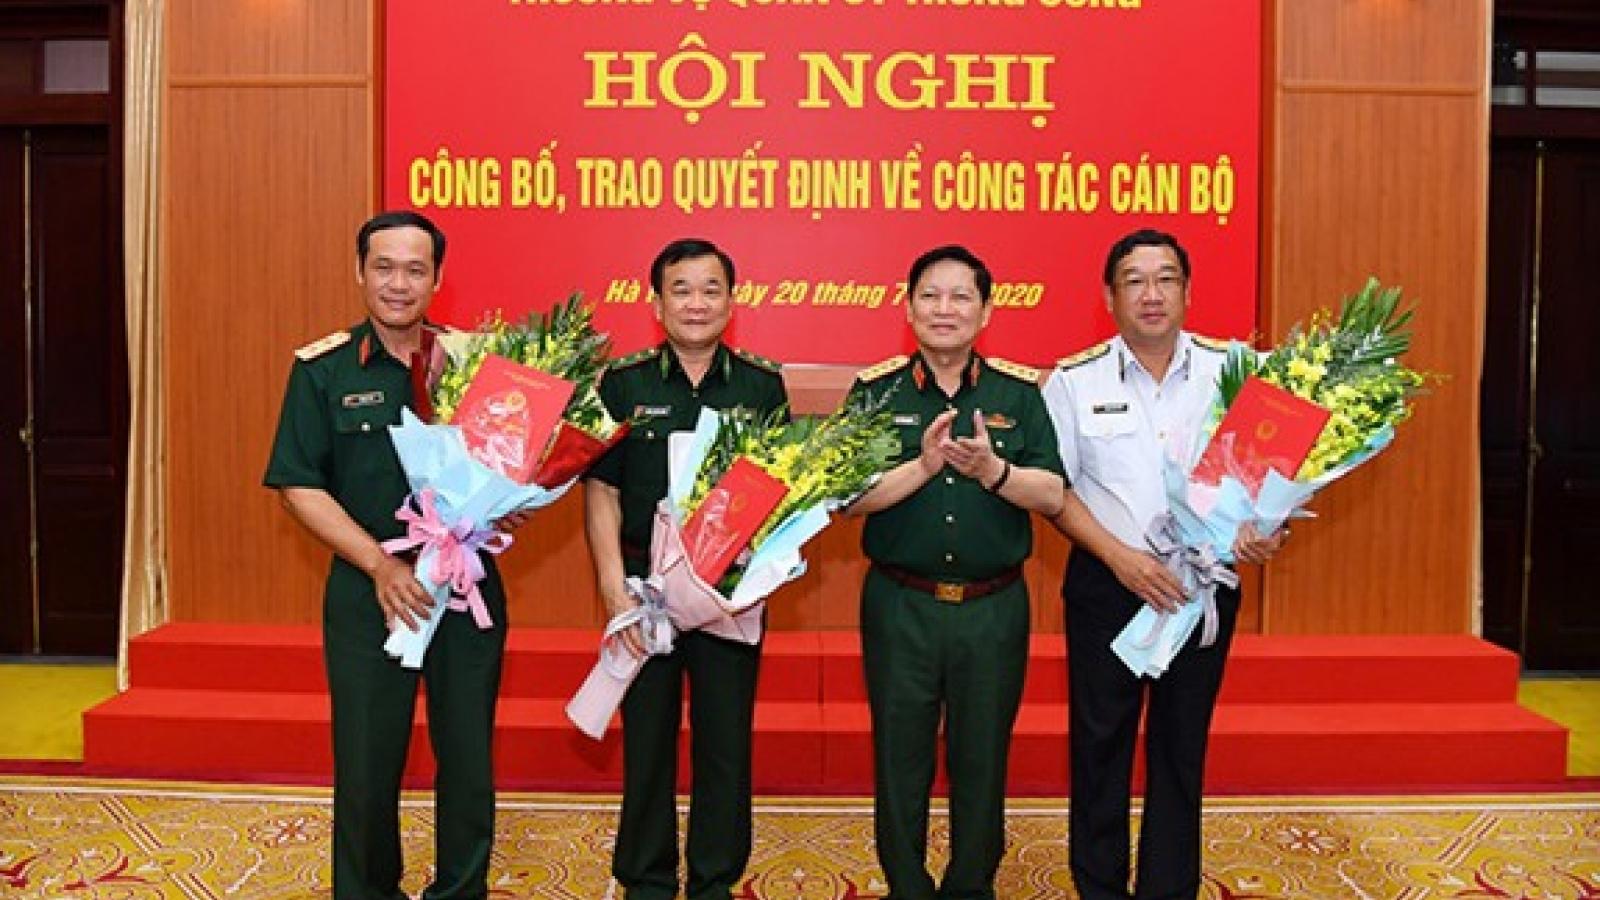 Công bố quyết định của Thủ tướng bổ nhiệm 3 Thứ trưởng Bộ Quốc phòng